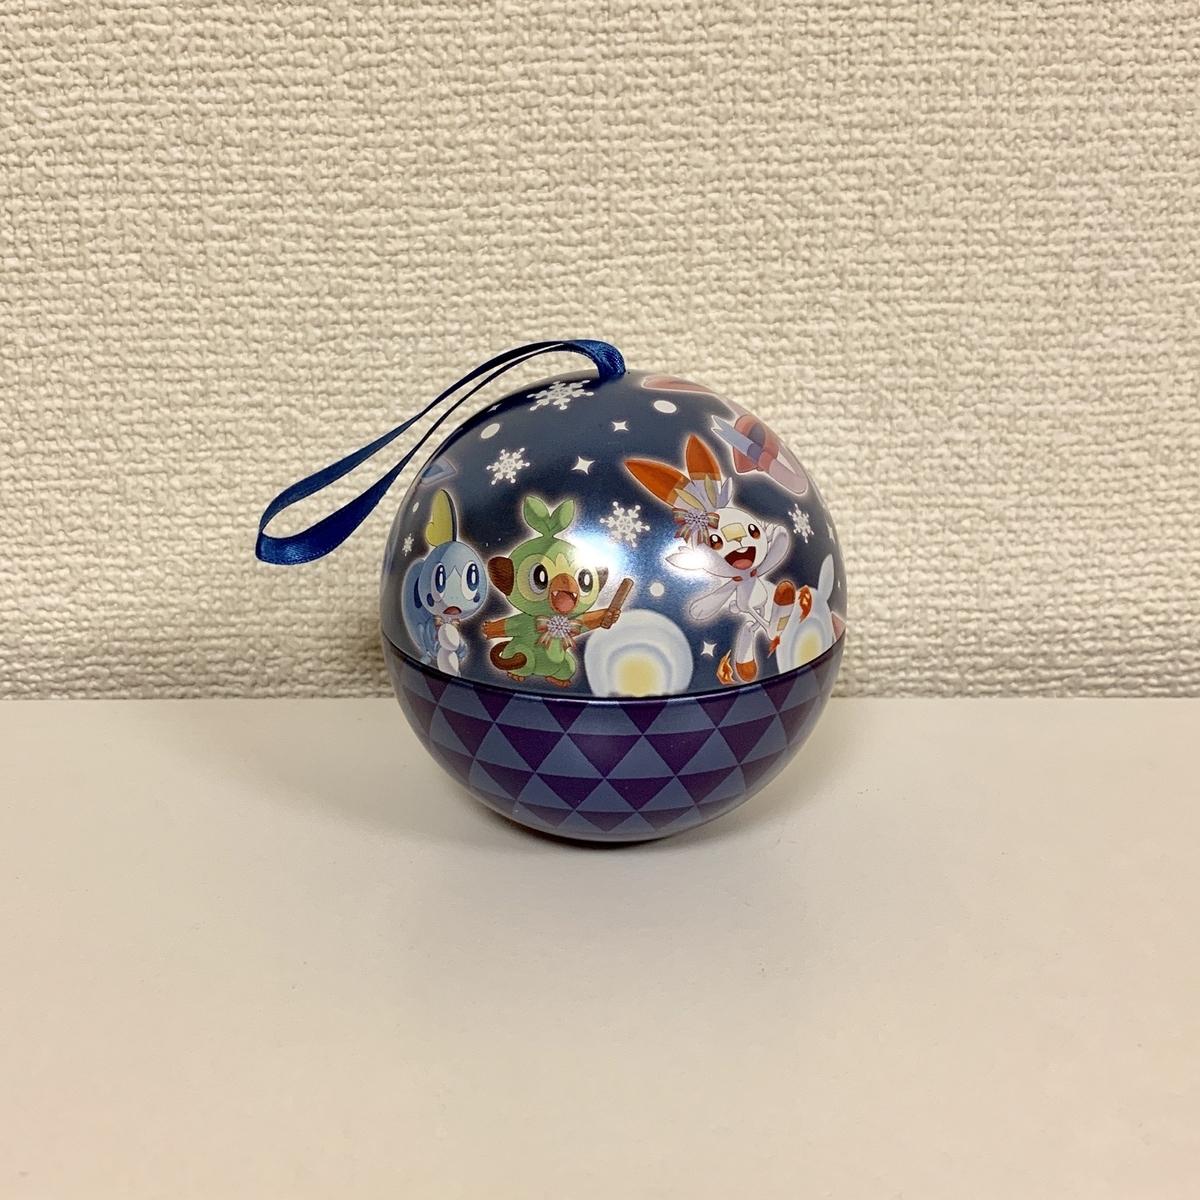 f:id:pikachu_pcn:20191102195407j:plain